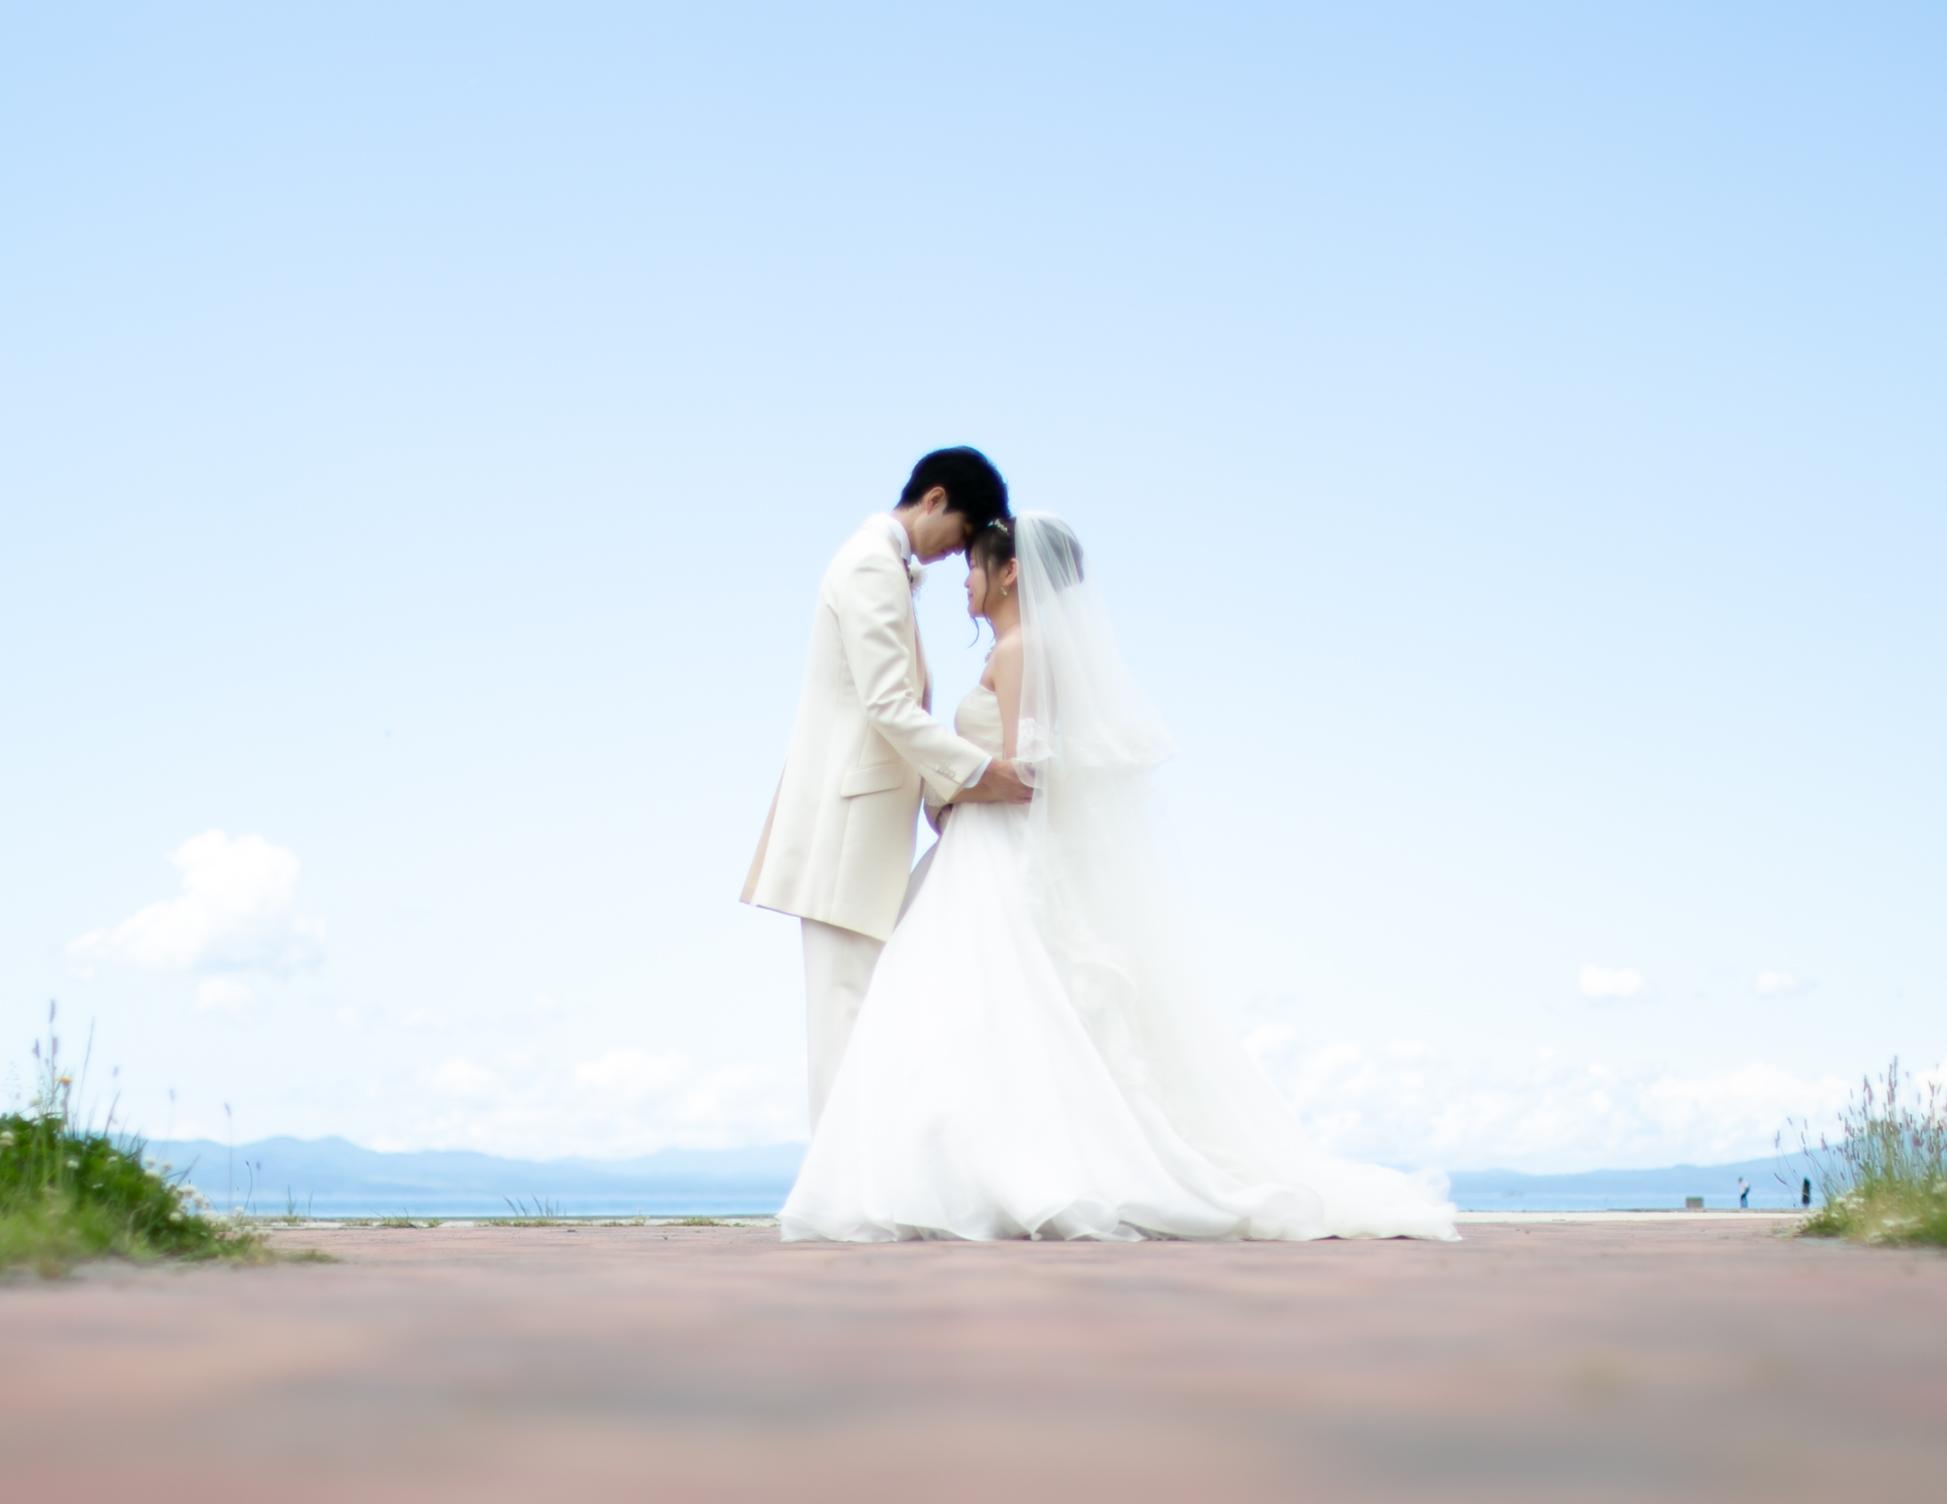 【2020年6月~8月限定!!】結婚式もハネムーンもお得に♪ 旅行代10万円分プレゼントフェア!!